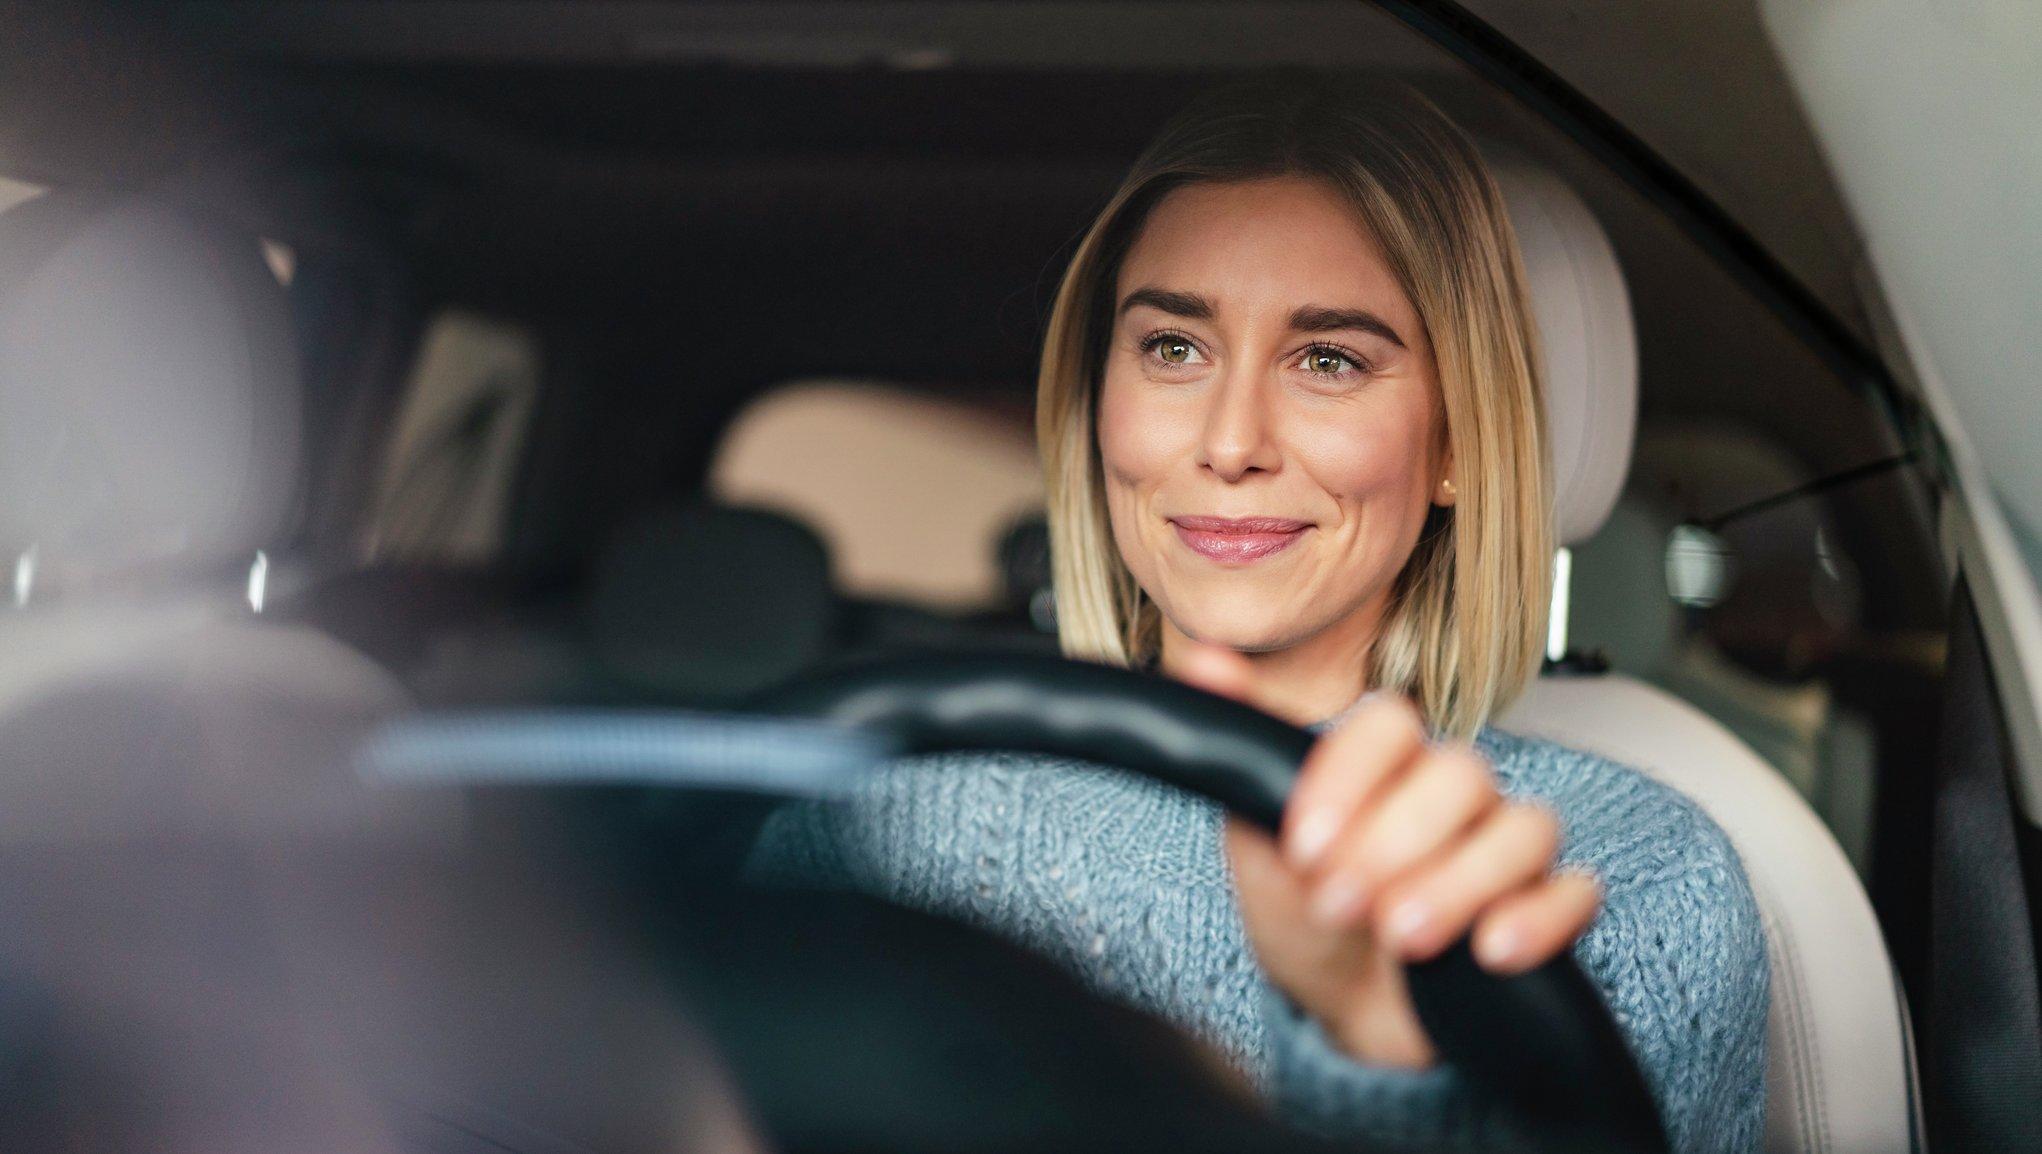 Kvinde smiler sidende bag rettet i sin bil